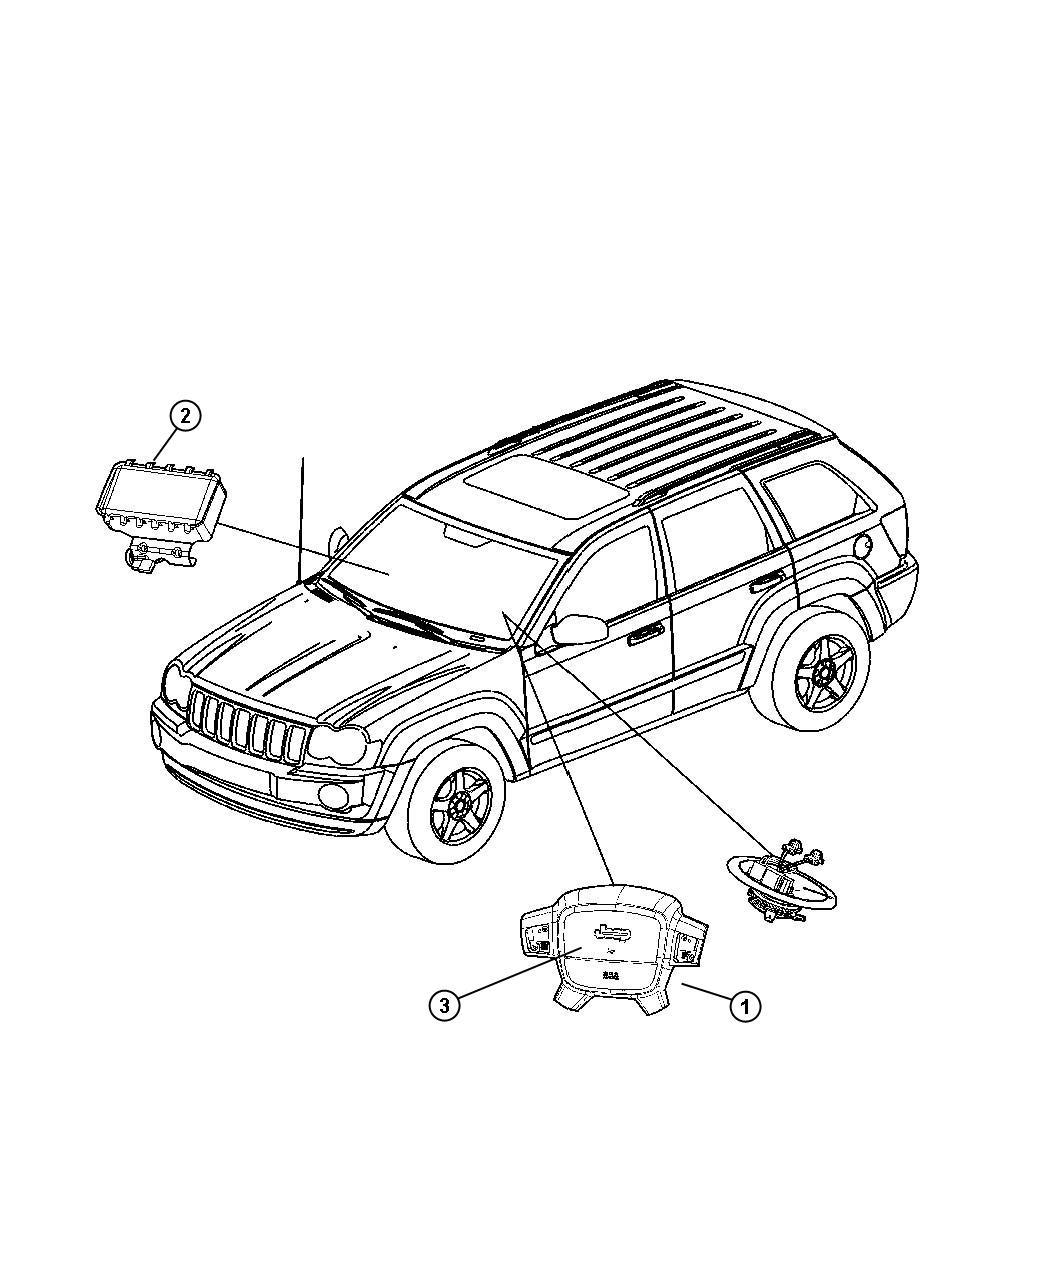 2010 Jeep Commander Air bag. Driver. [d1], [j1]. Trim